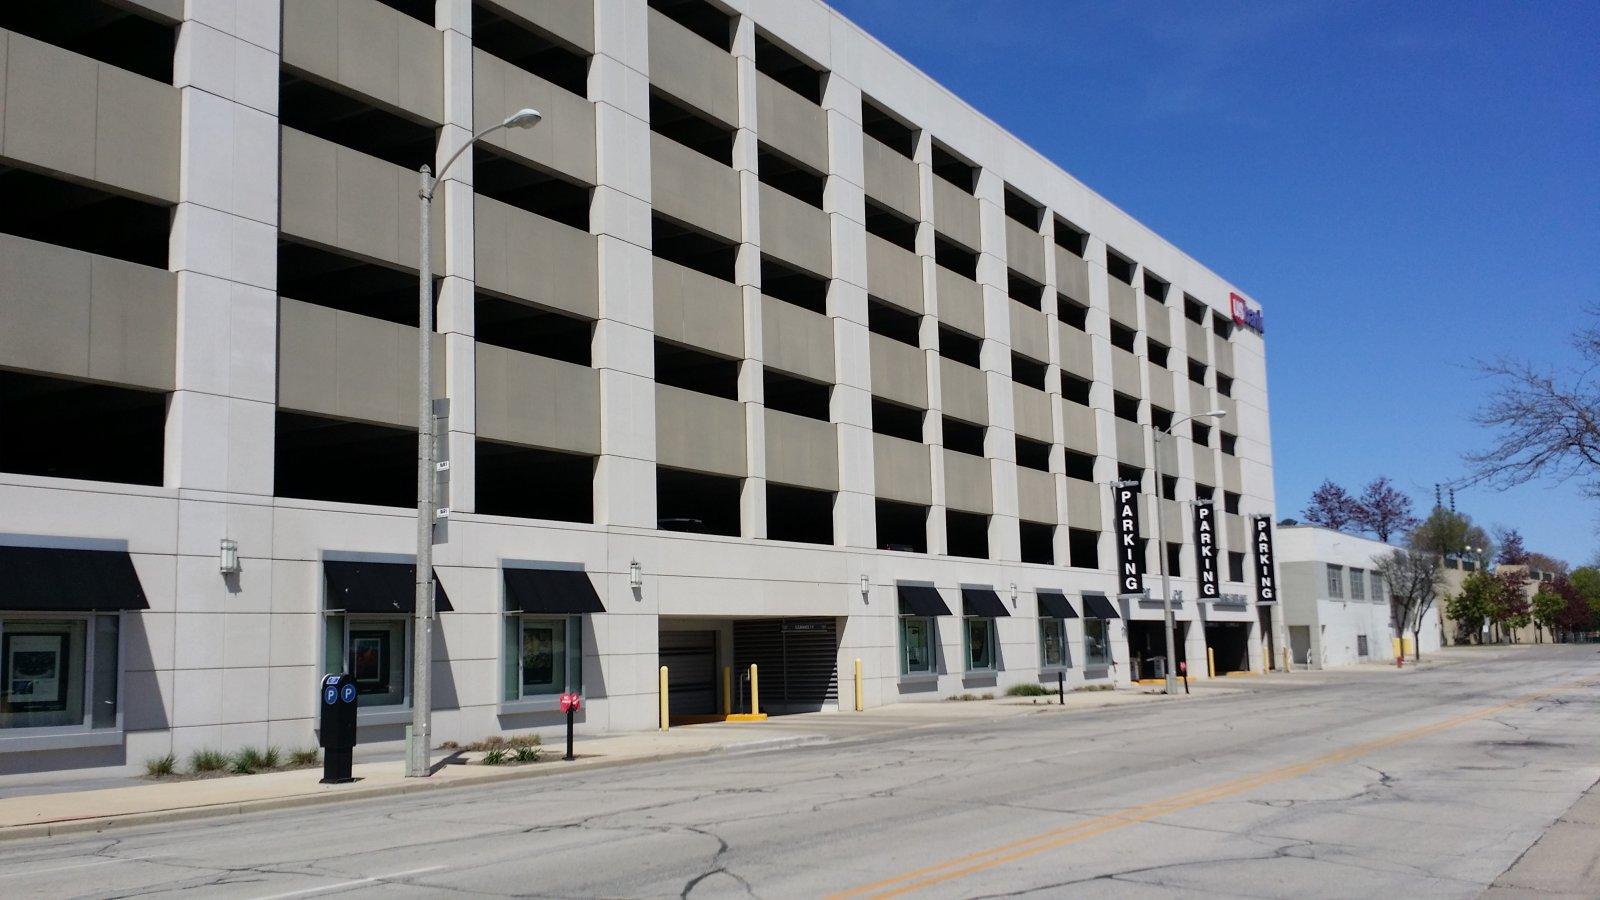 US Bank parking garage